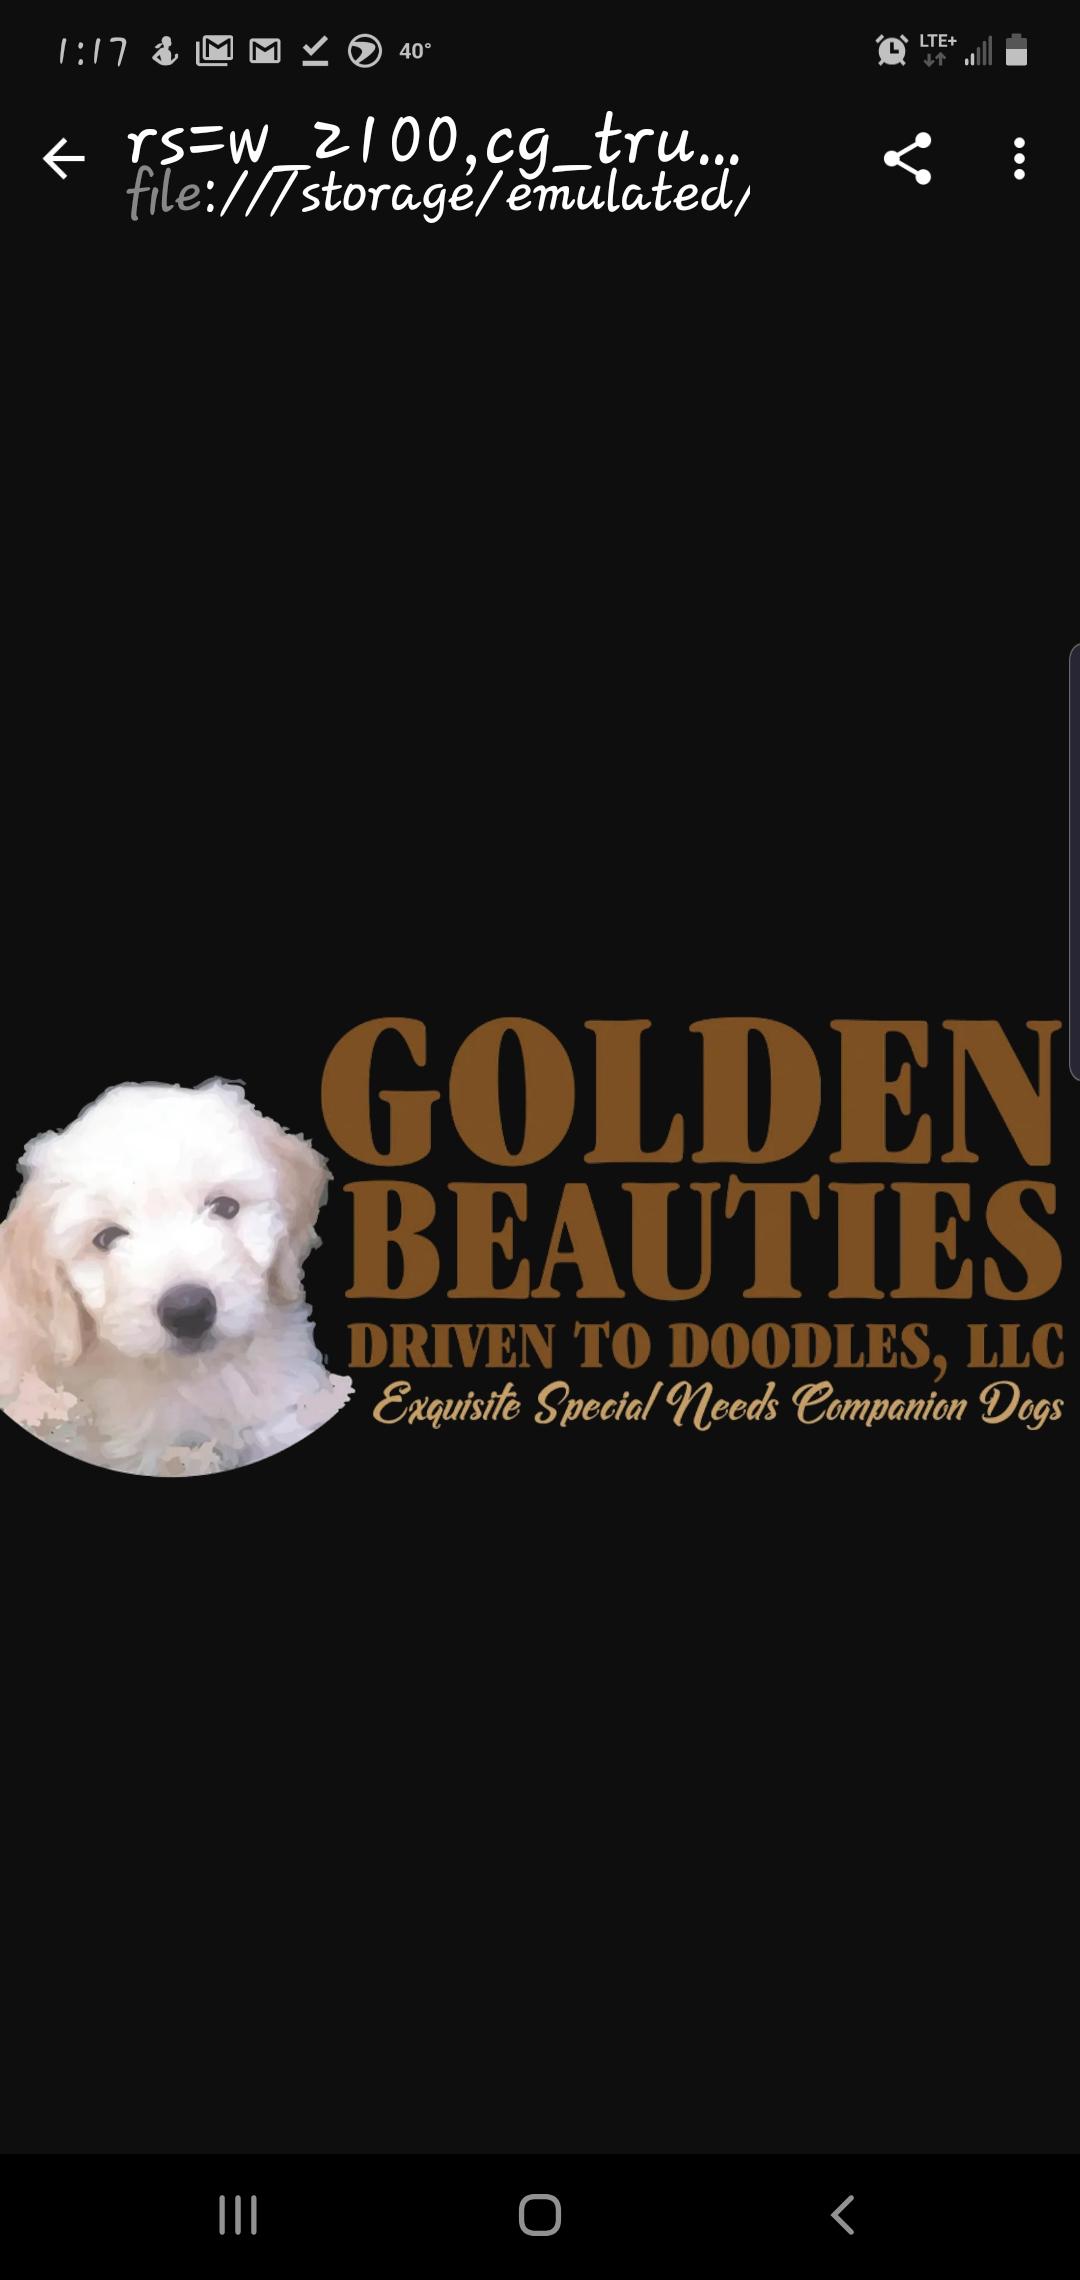 Golden Beauties Driven to Doodles, LLC